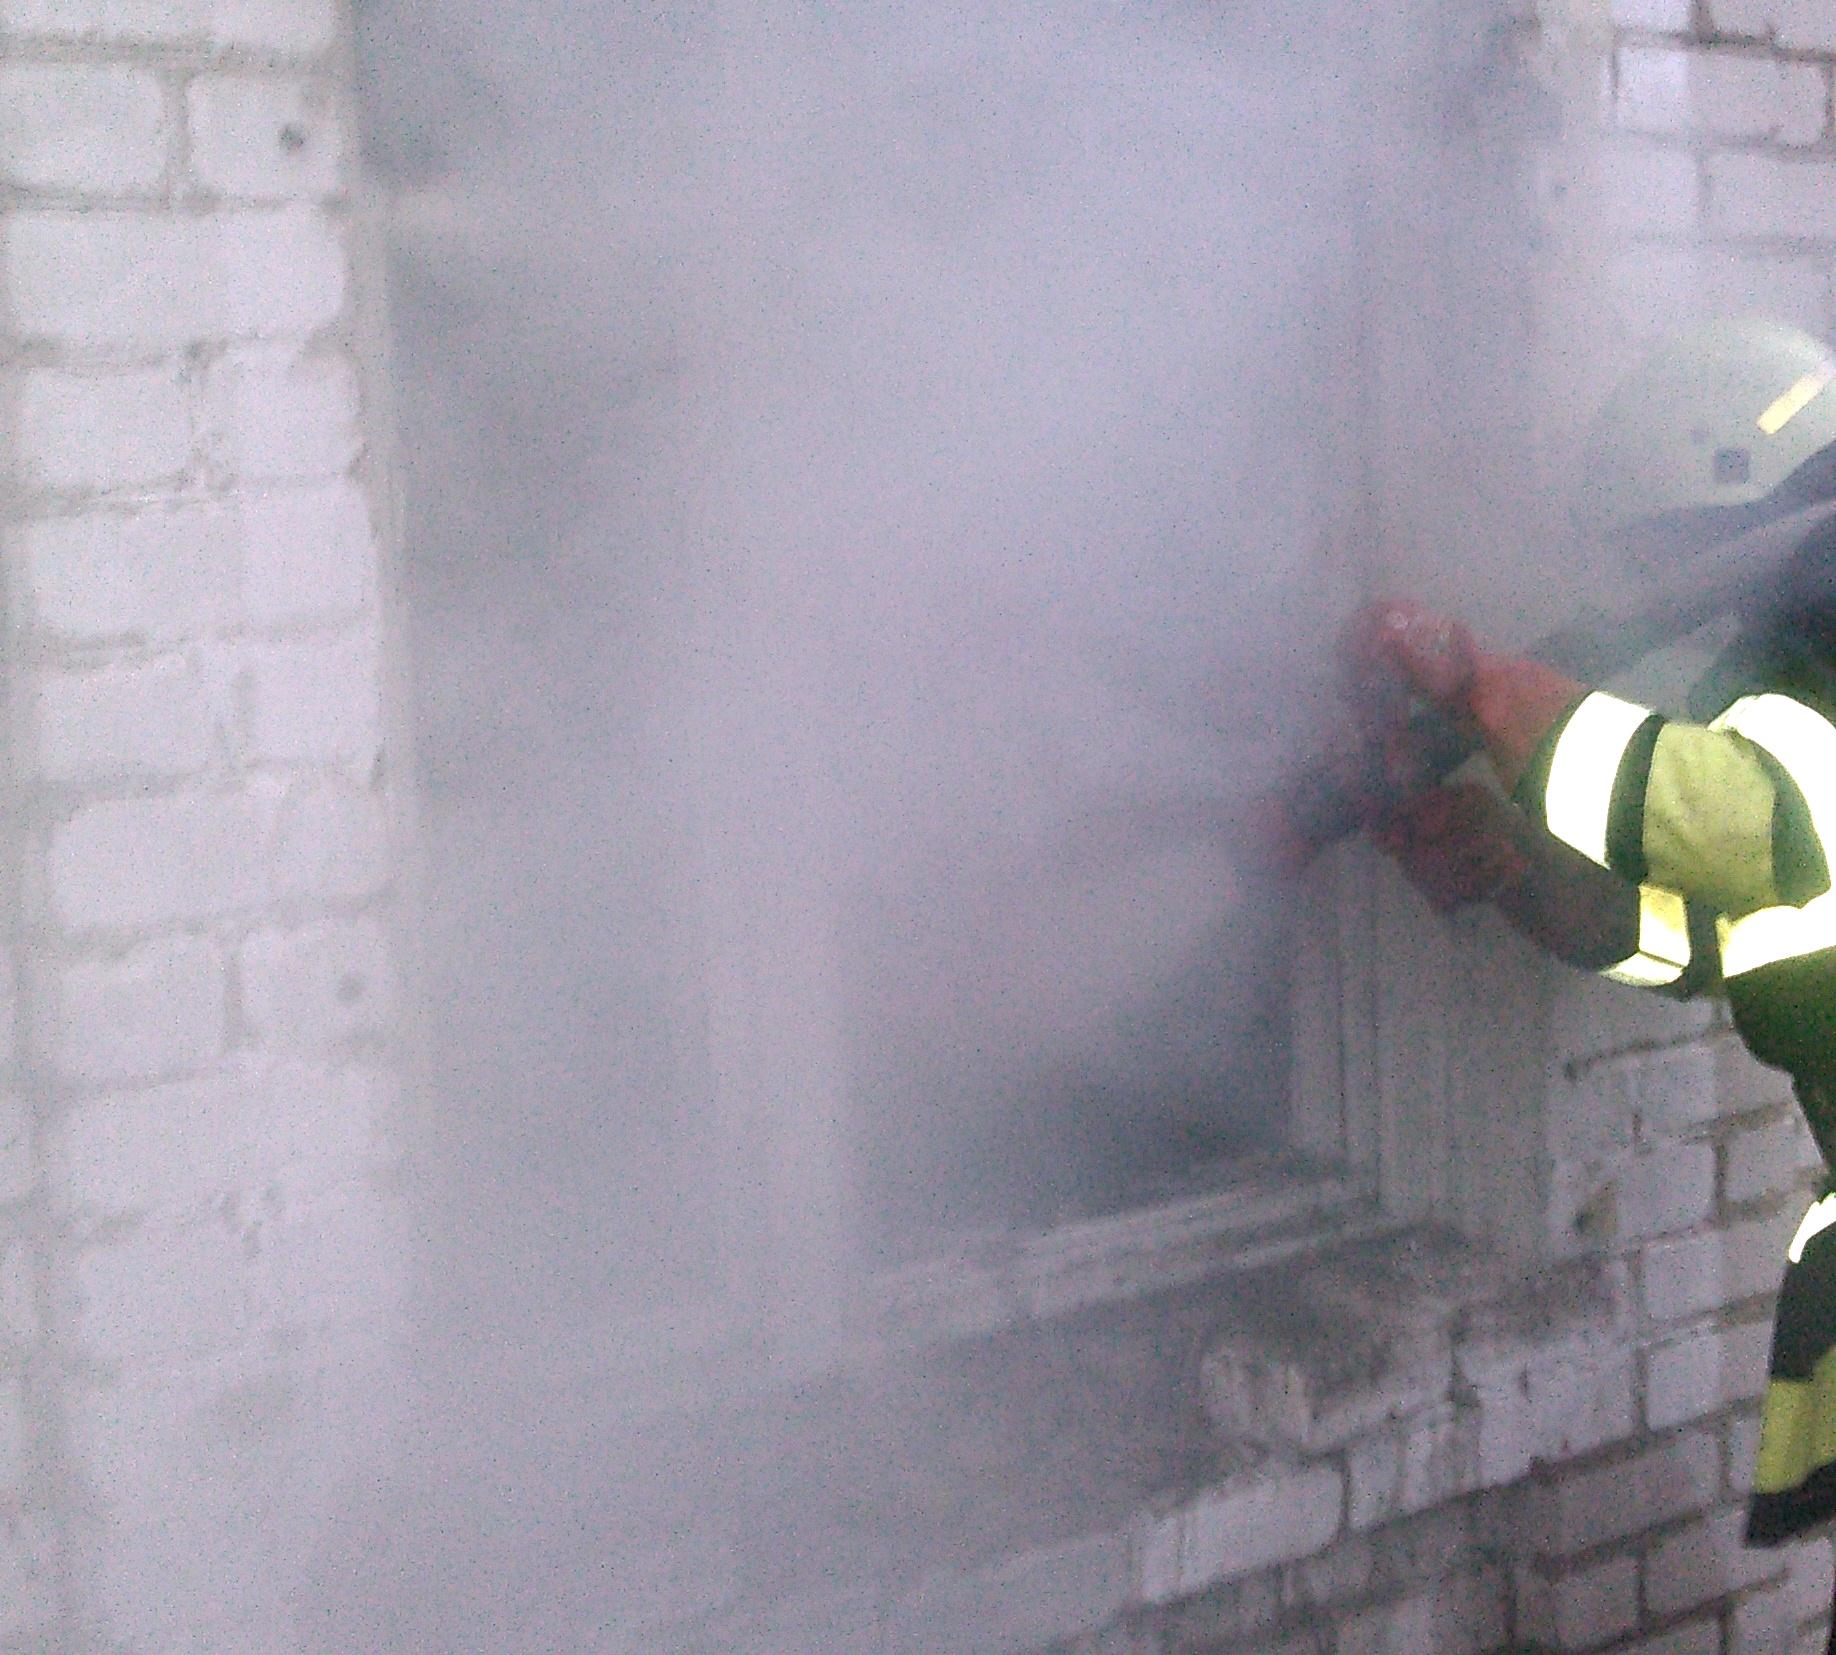 У Баришівському районі в пожежі загинув чоловік 20.01.2020 -  - KIMG0041